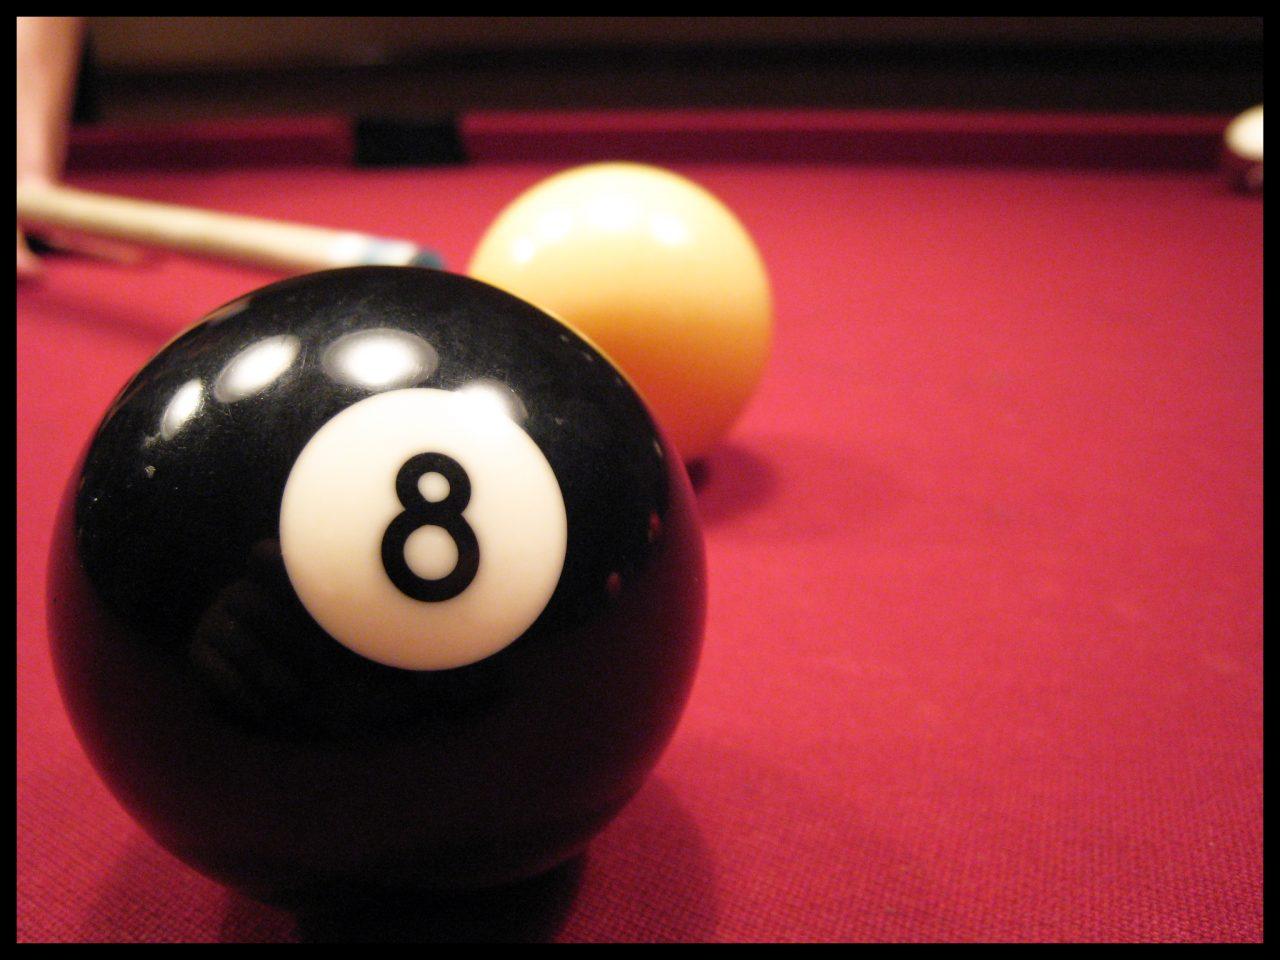 8 Ball Regeln